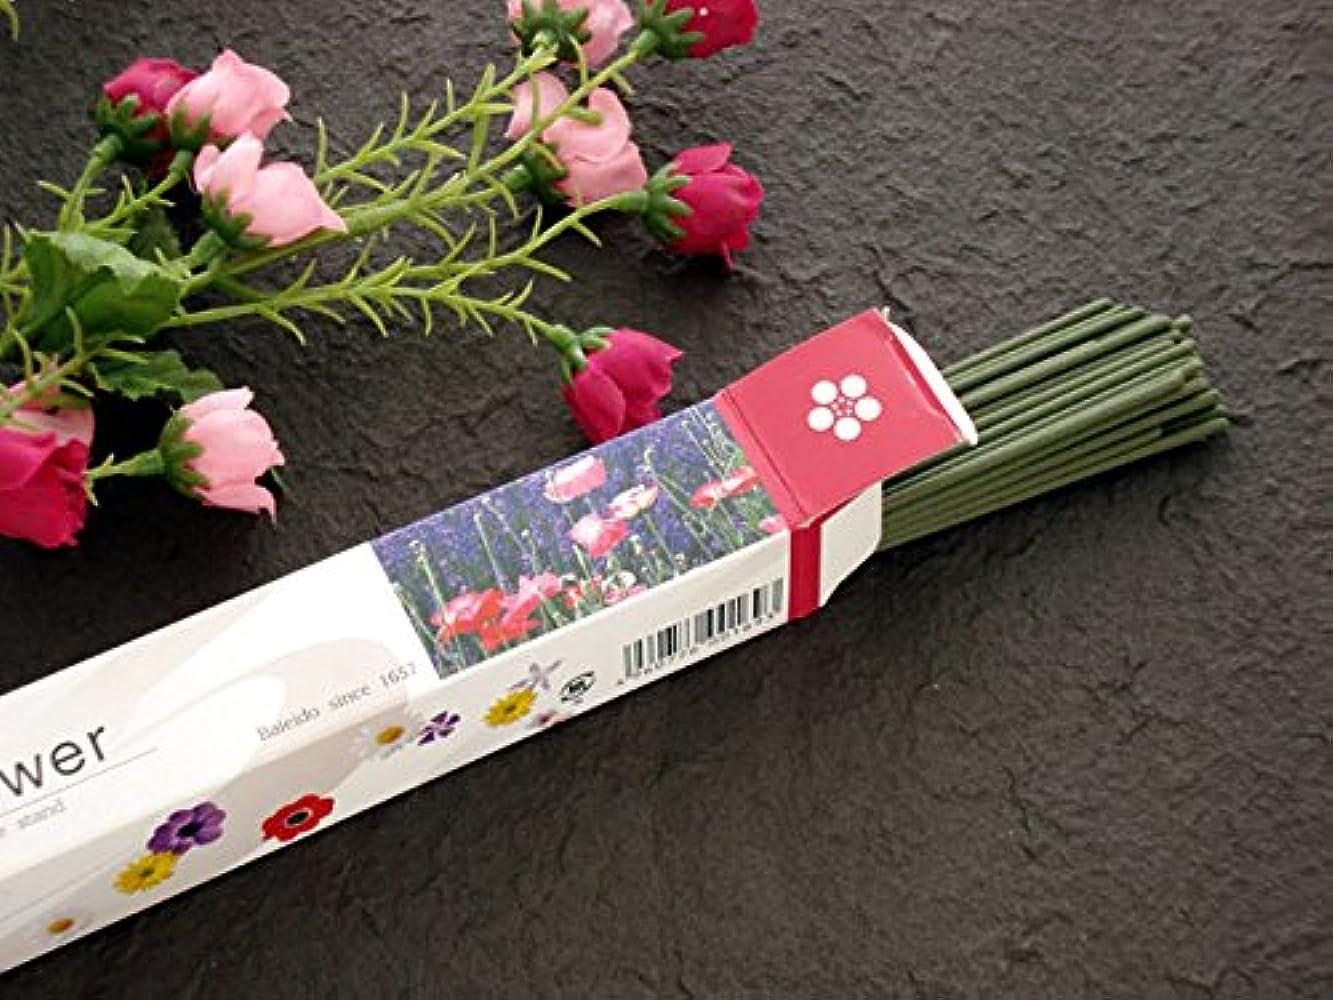 尾一般的に言えば隣人梅栄堂のお香 Wild flower